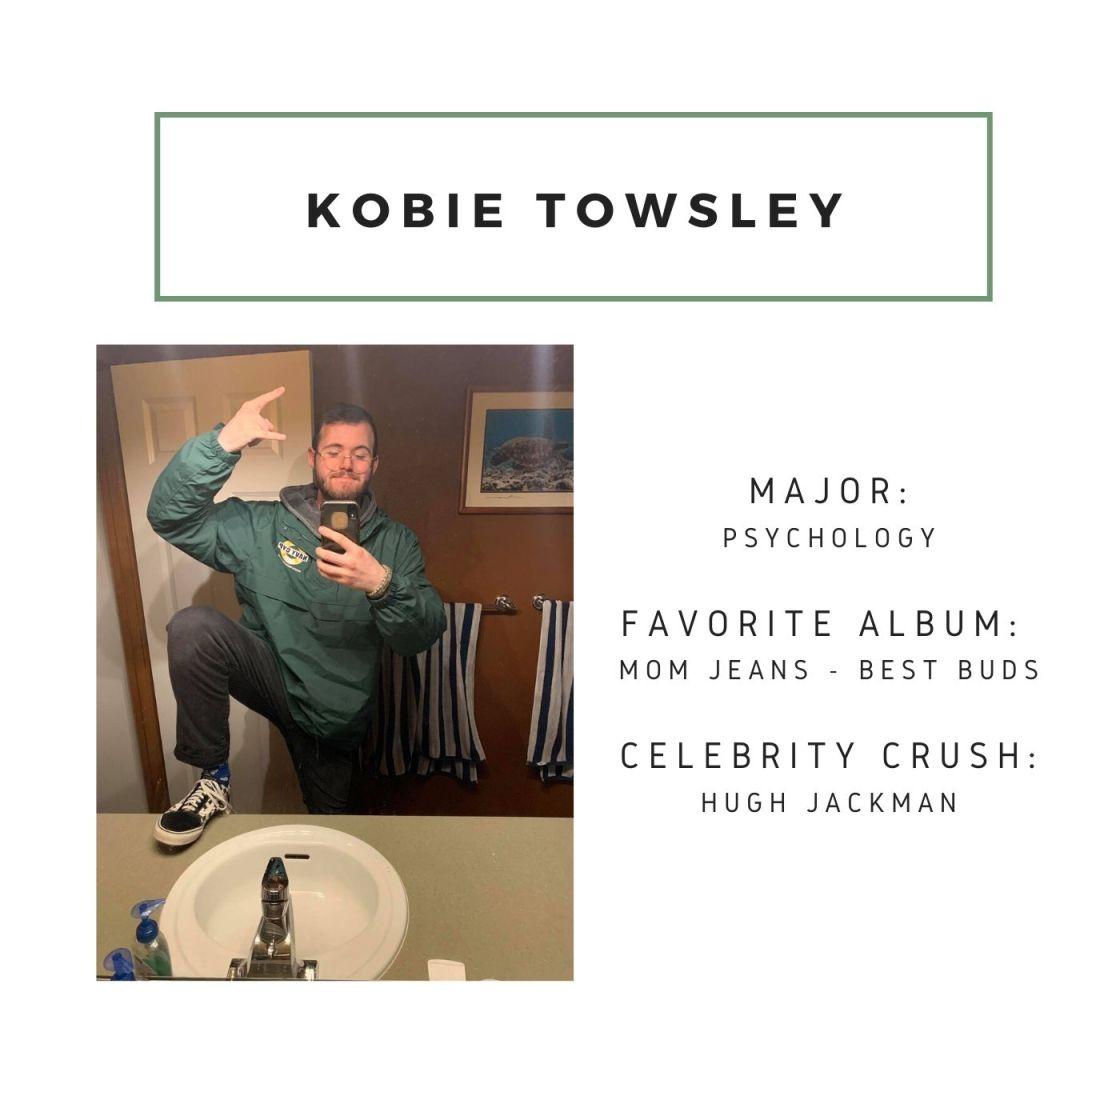 Kobie Towsley